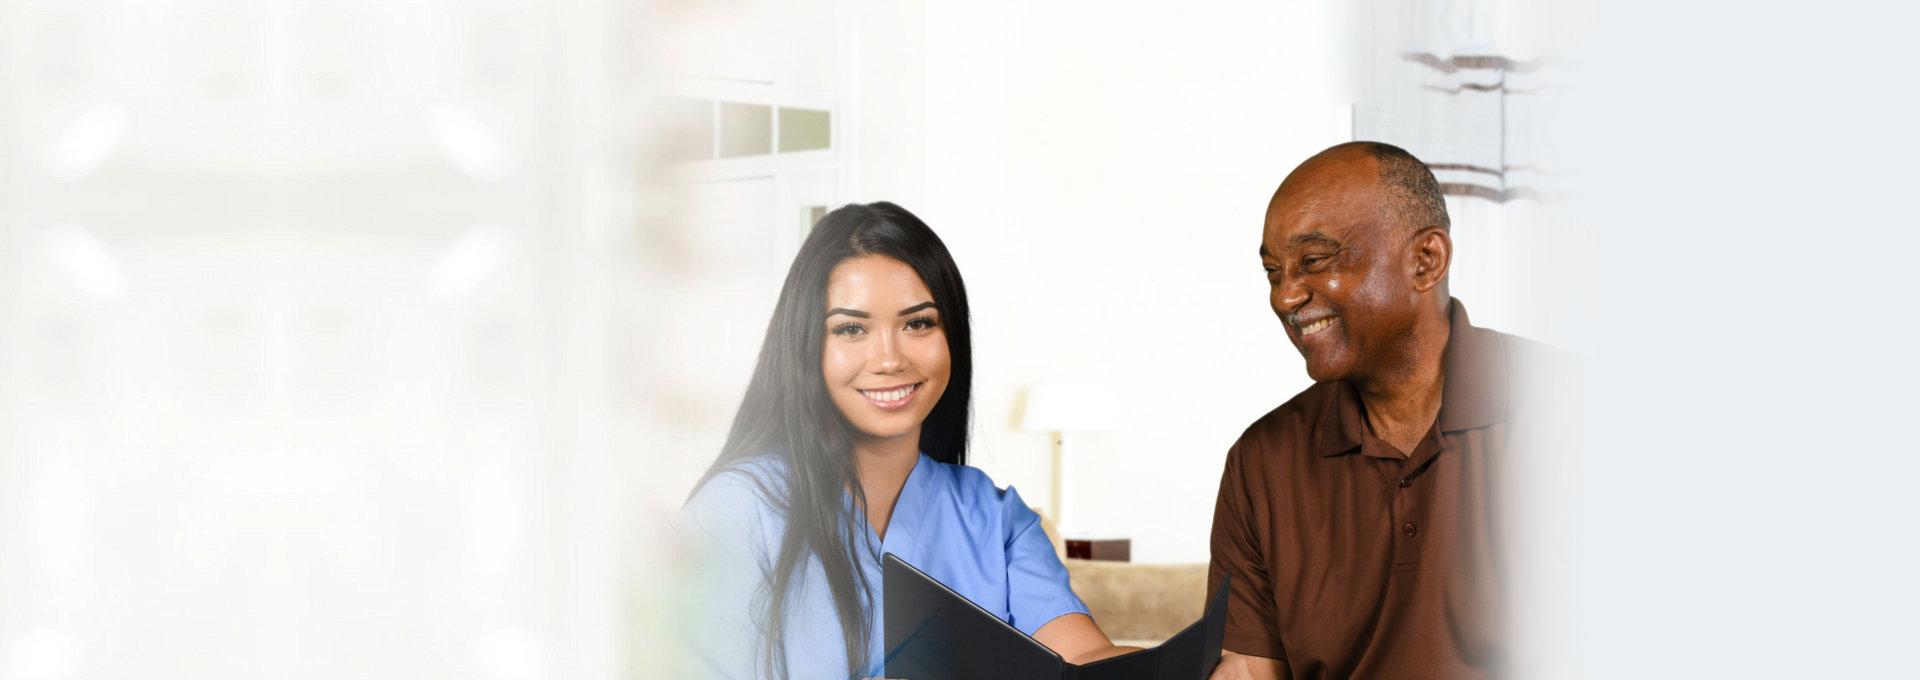 caregiver with elderly man